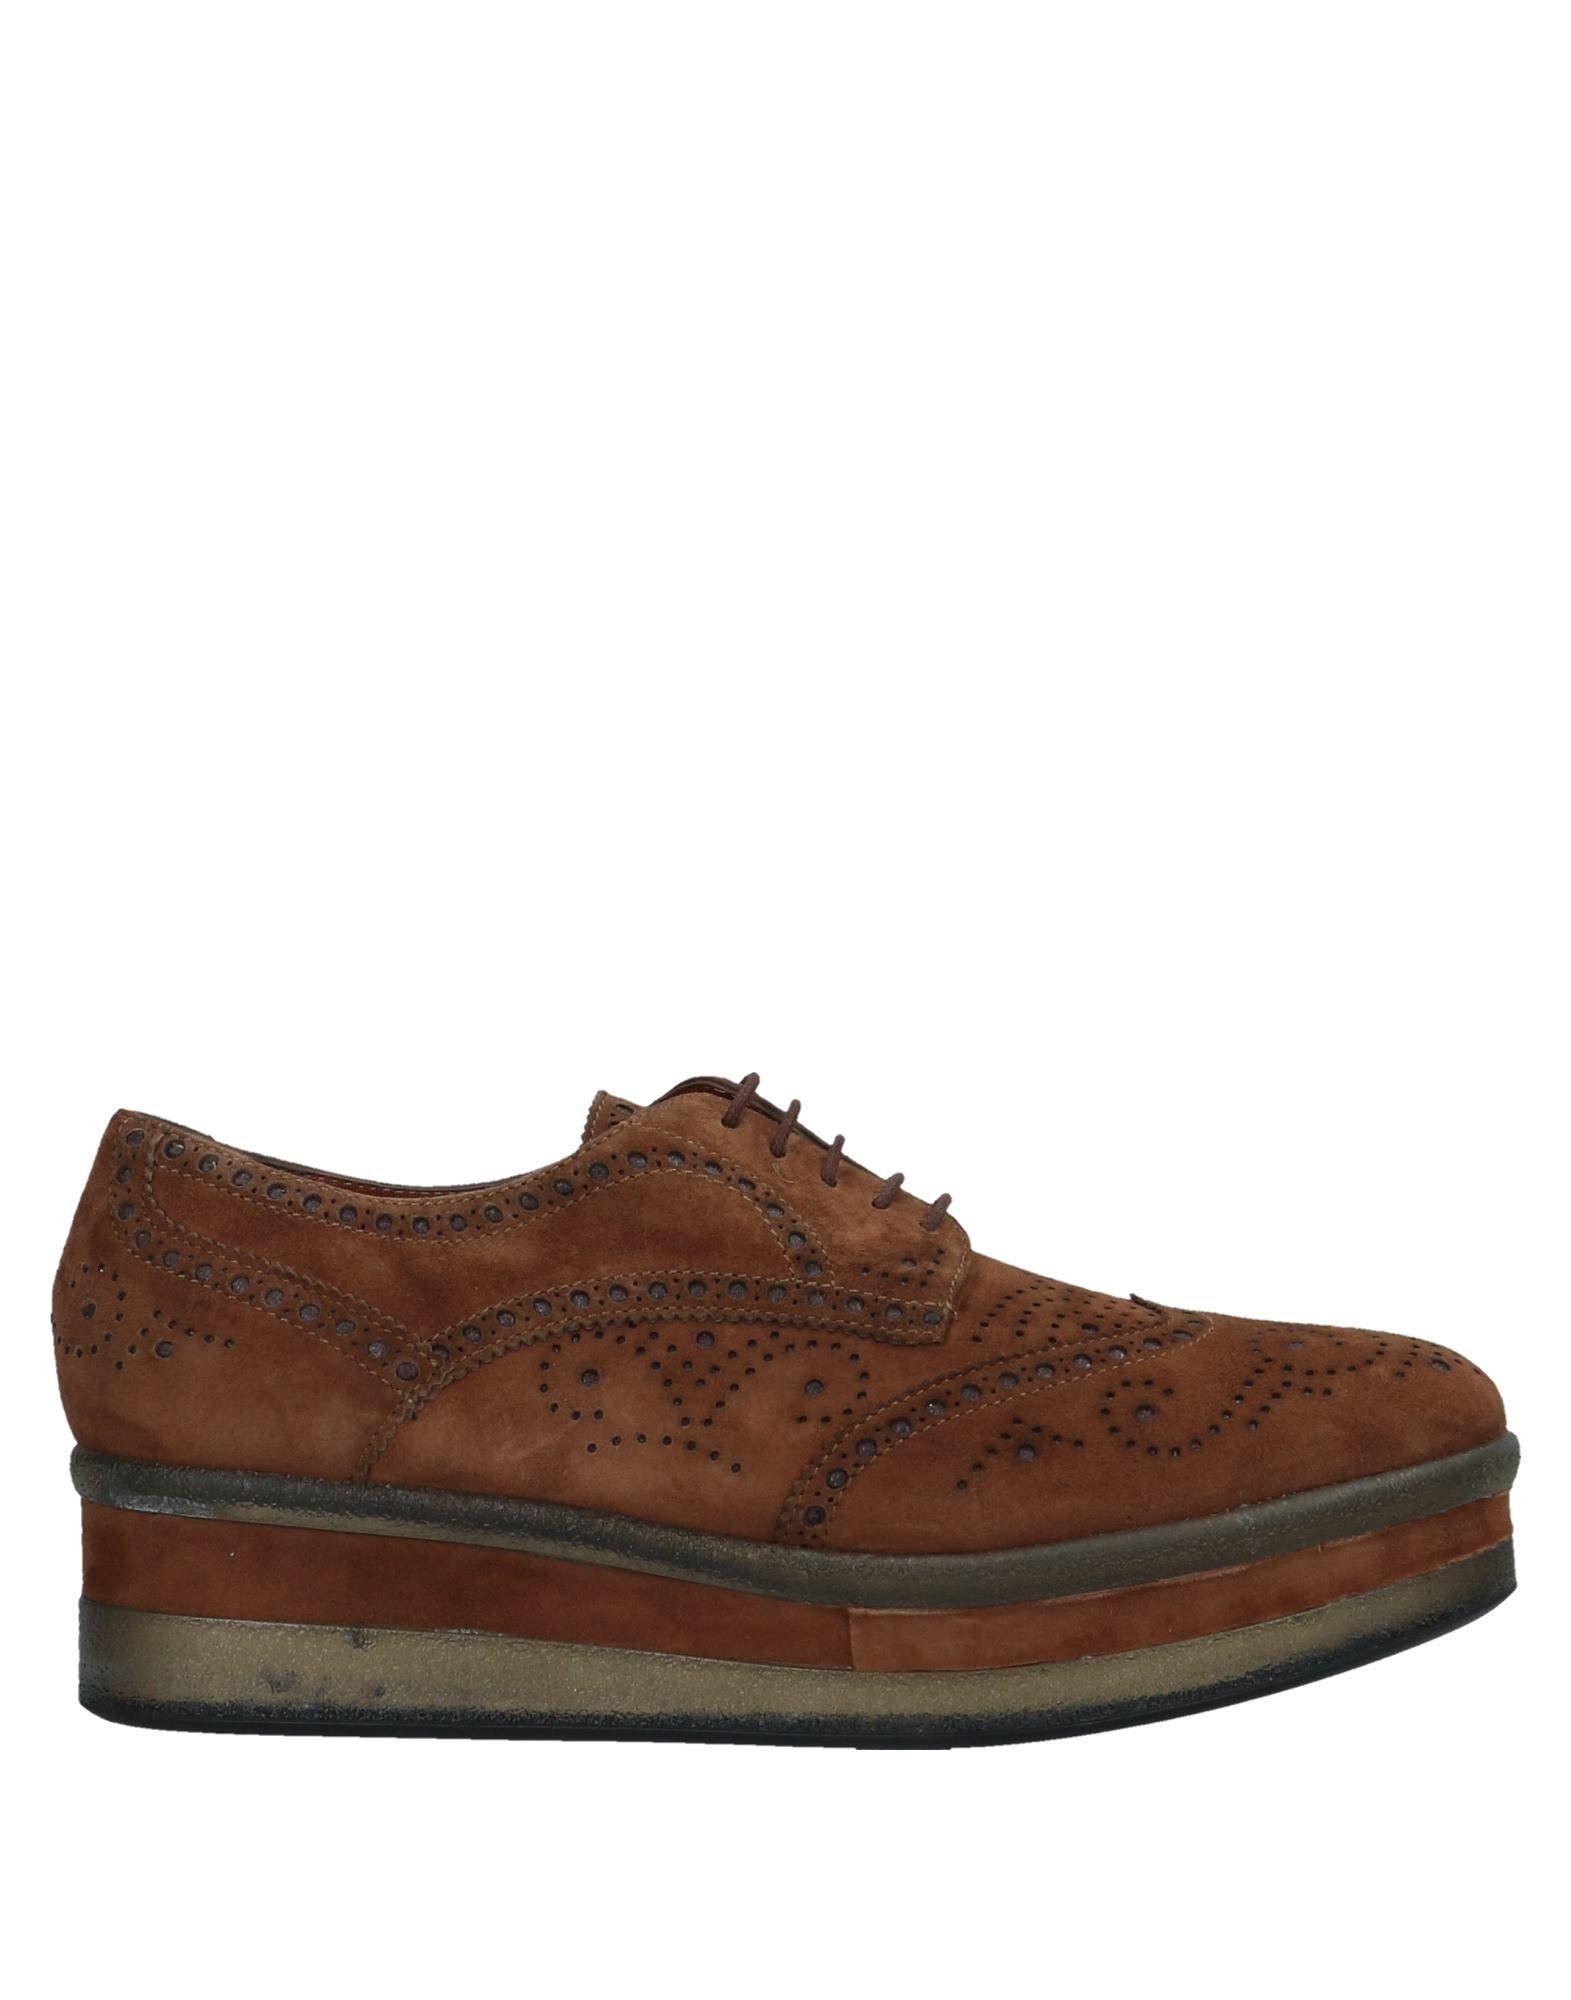 Pons Quintana Schnürschuhe Damen  11537621SF Gute Qualität beliebte Schuhe